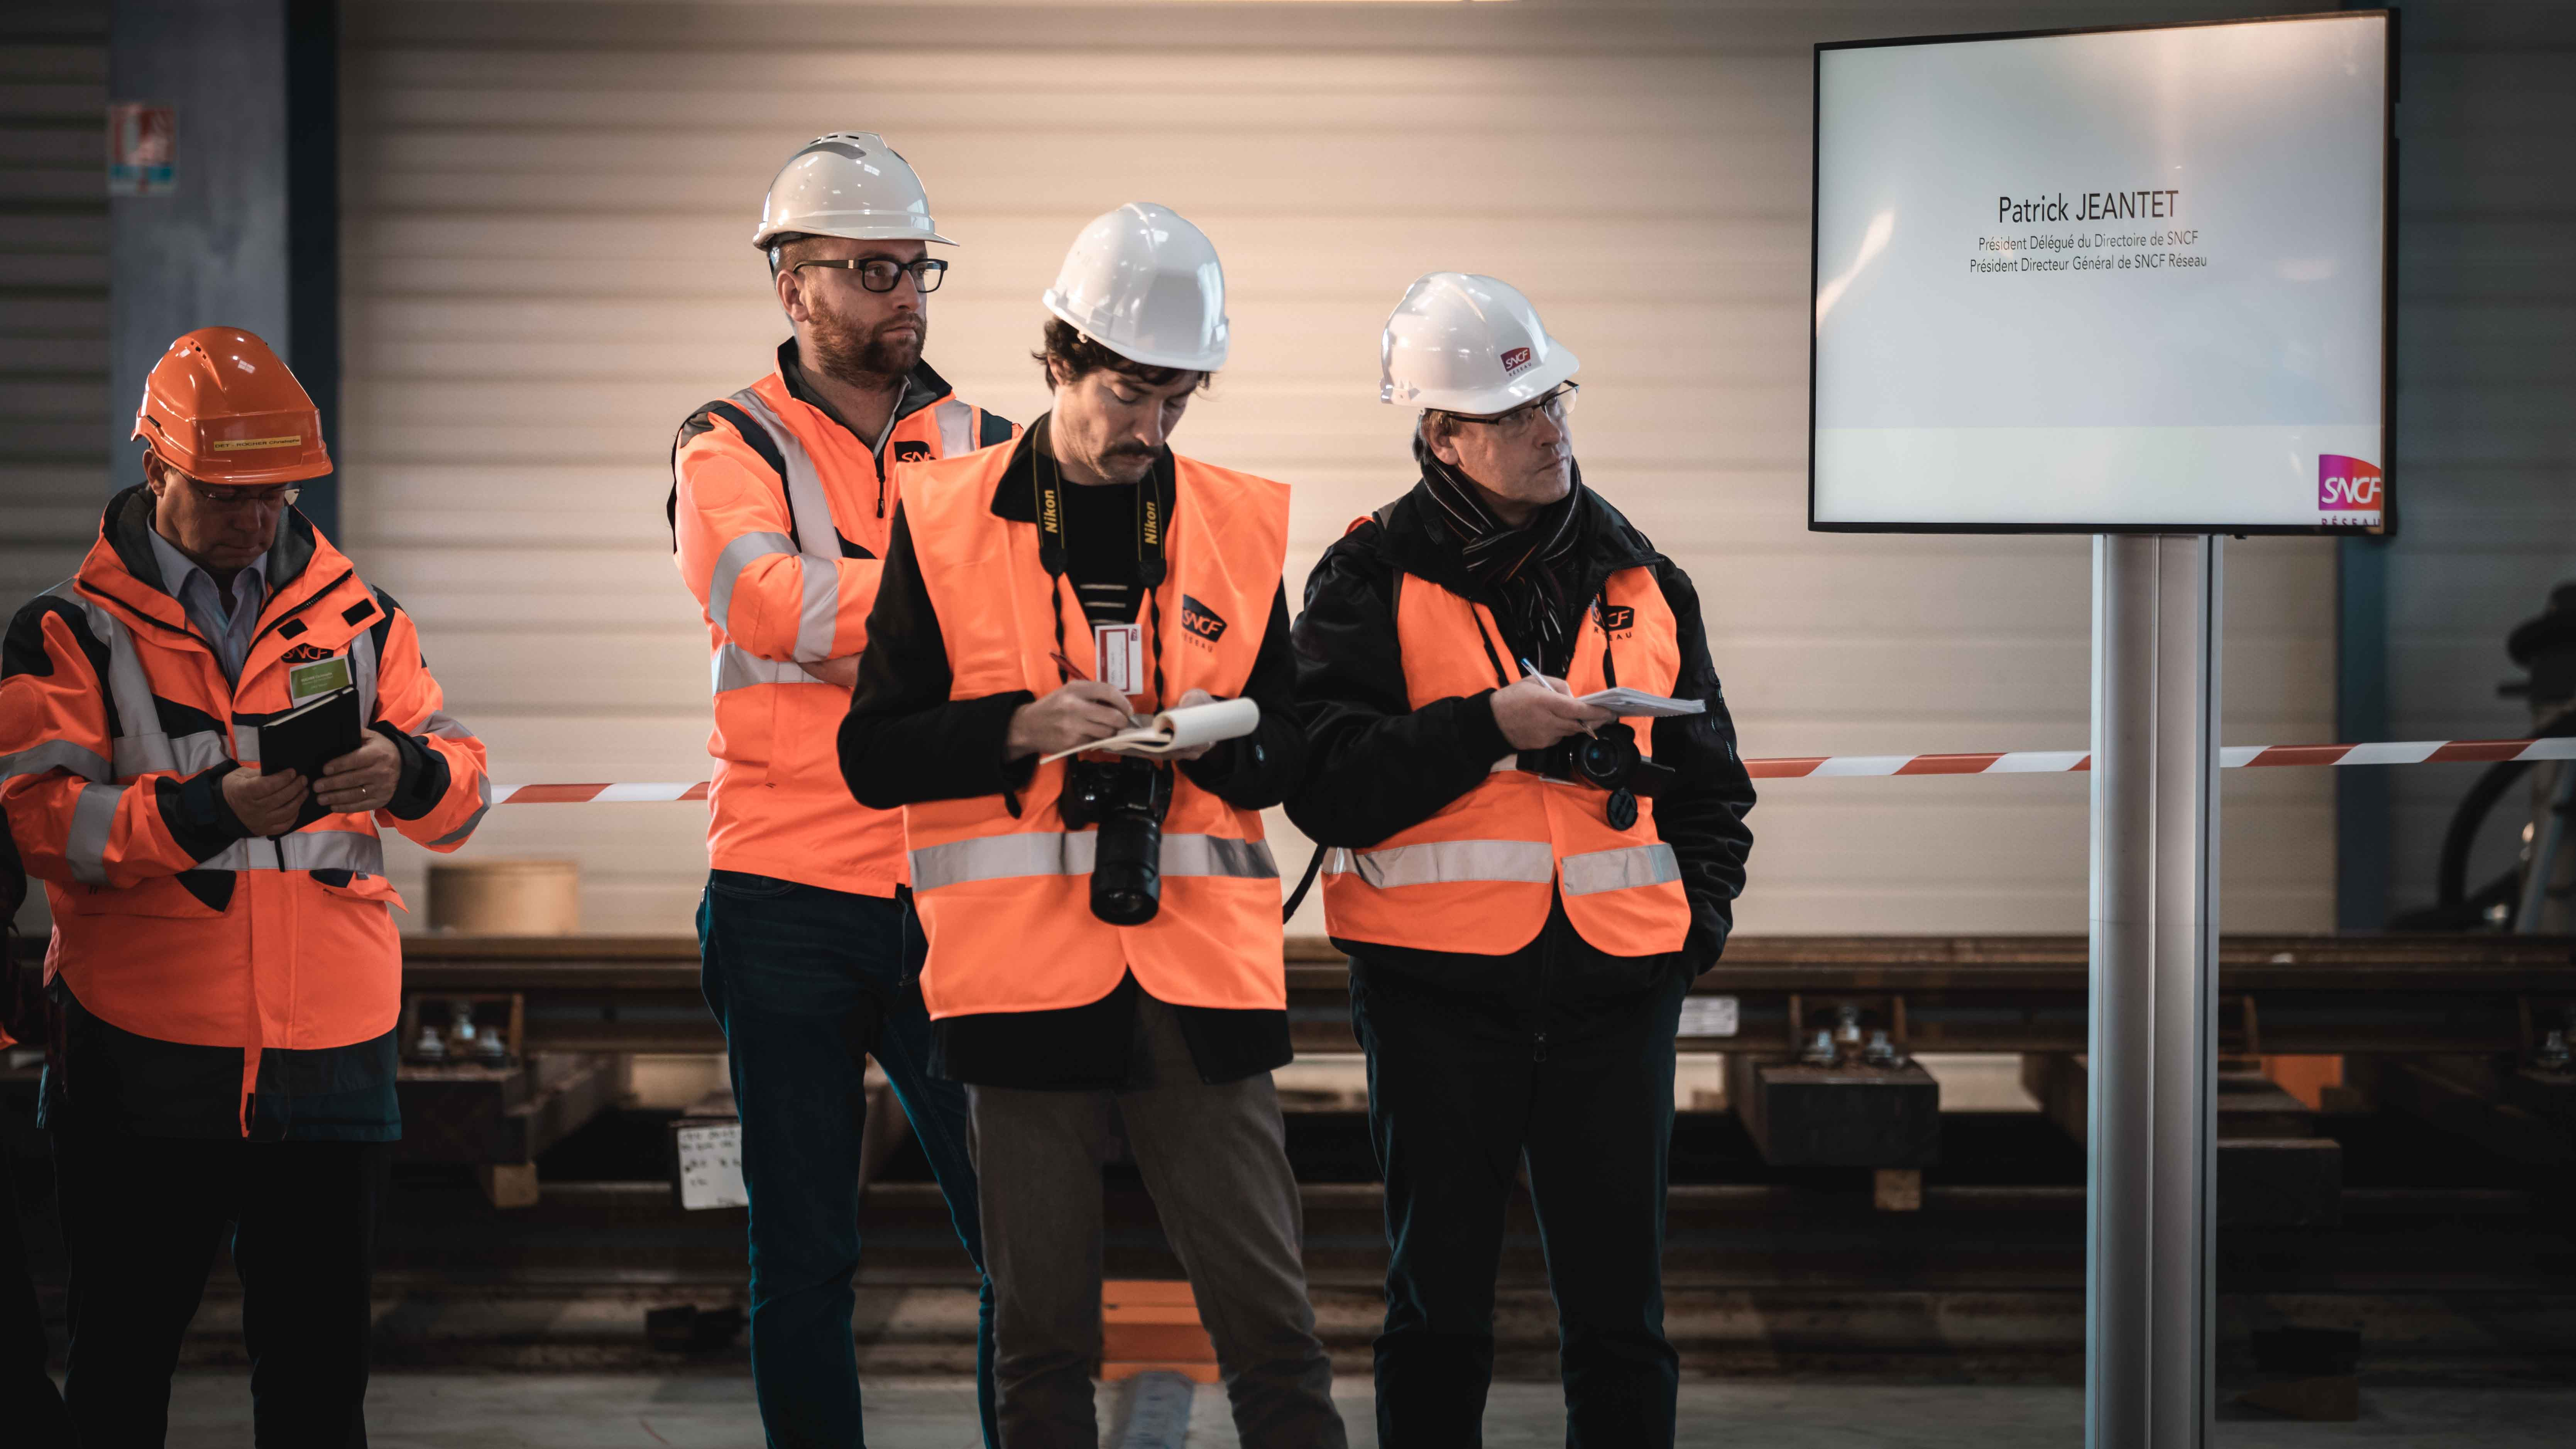 Présence de journalistes pour déployer l'inauguration du bâtiment Horizon SNCF Réseau dans la presse